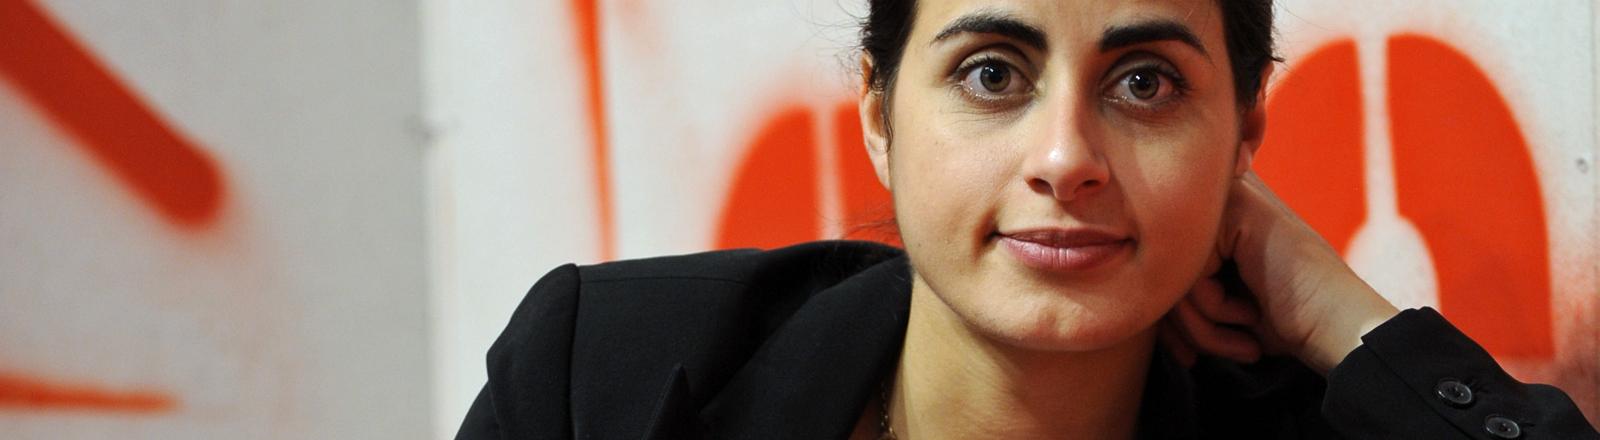 Sineb El Masrar , aufgenommen am 08.10.2010 auf der 62. Frankfurter Buchmesse in Frankfurt am Main.